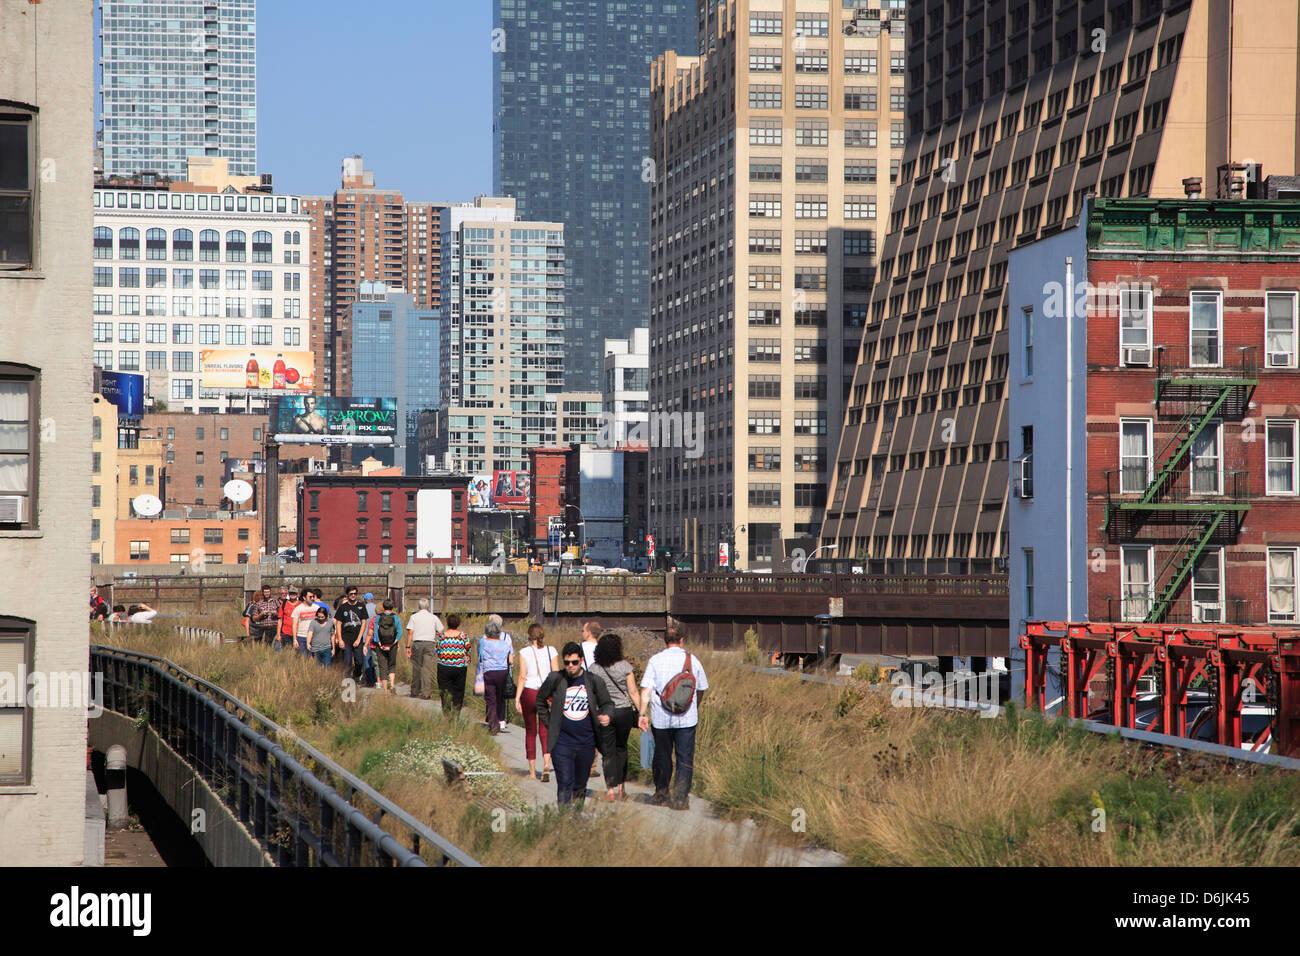 High Line Park, erhöhten öffentlichen Park am ehemaligen Bahngleise, Manhattan, New York City, Vereinigte Staaten von Amerika, Nordamerika Stockfoto